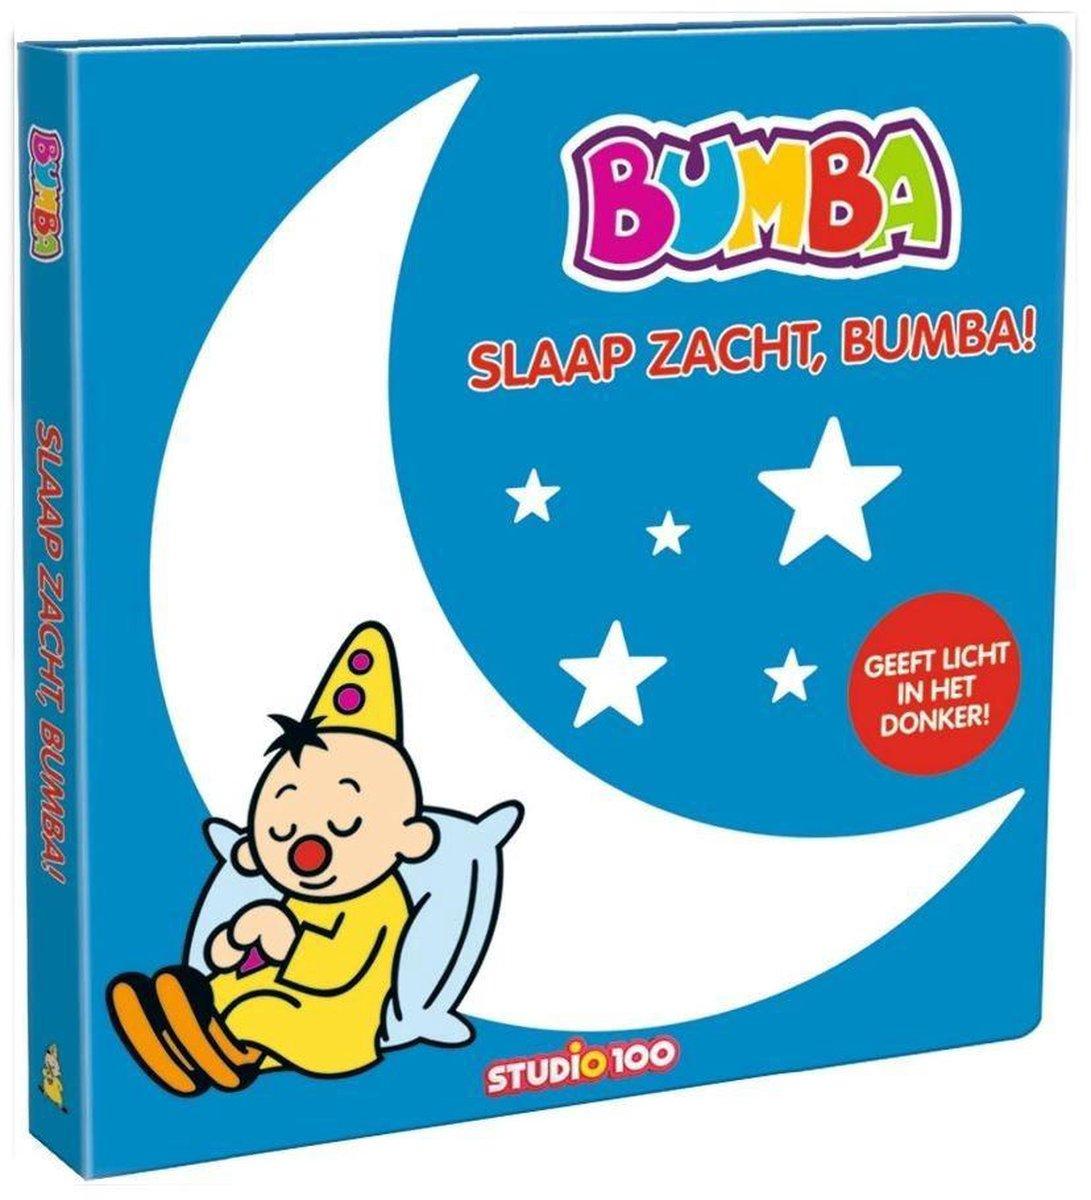 Bumba : Omnibus - slaap zacht, Bumba! - Gert Verhulst